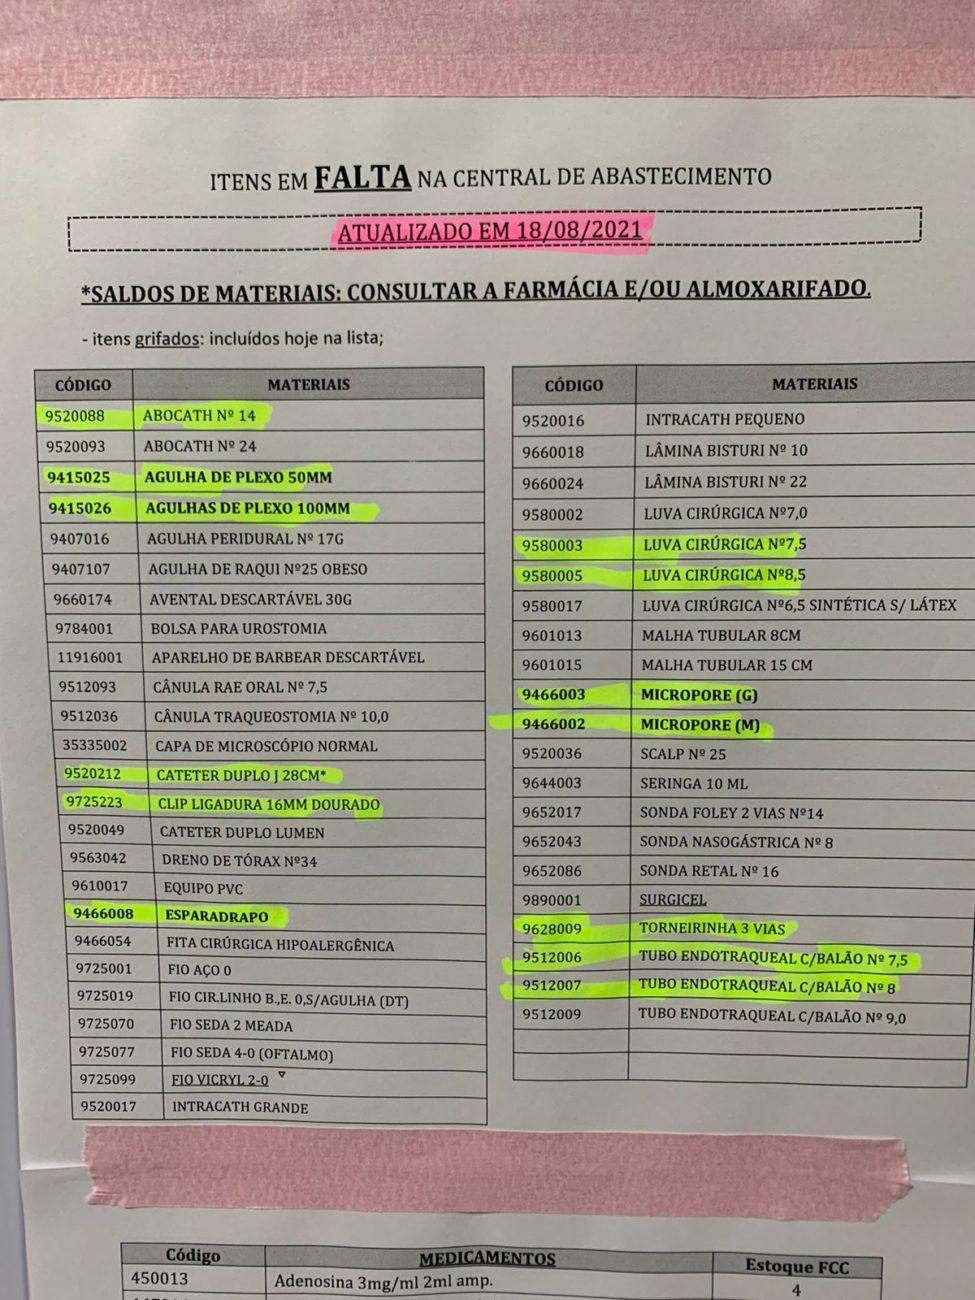 Falta de insumos na central de abastecimento no Hospital Governador Celso Ramos, em Florianópolis, no dia 18 de agosto - Arquivo Pessoal/ND